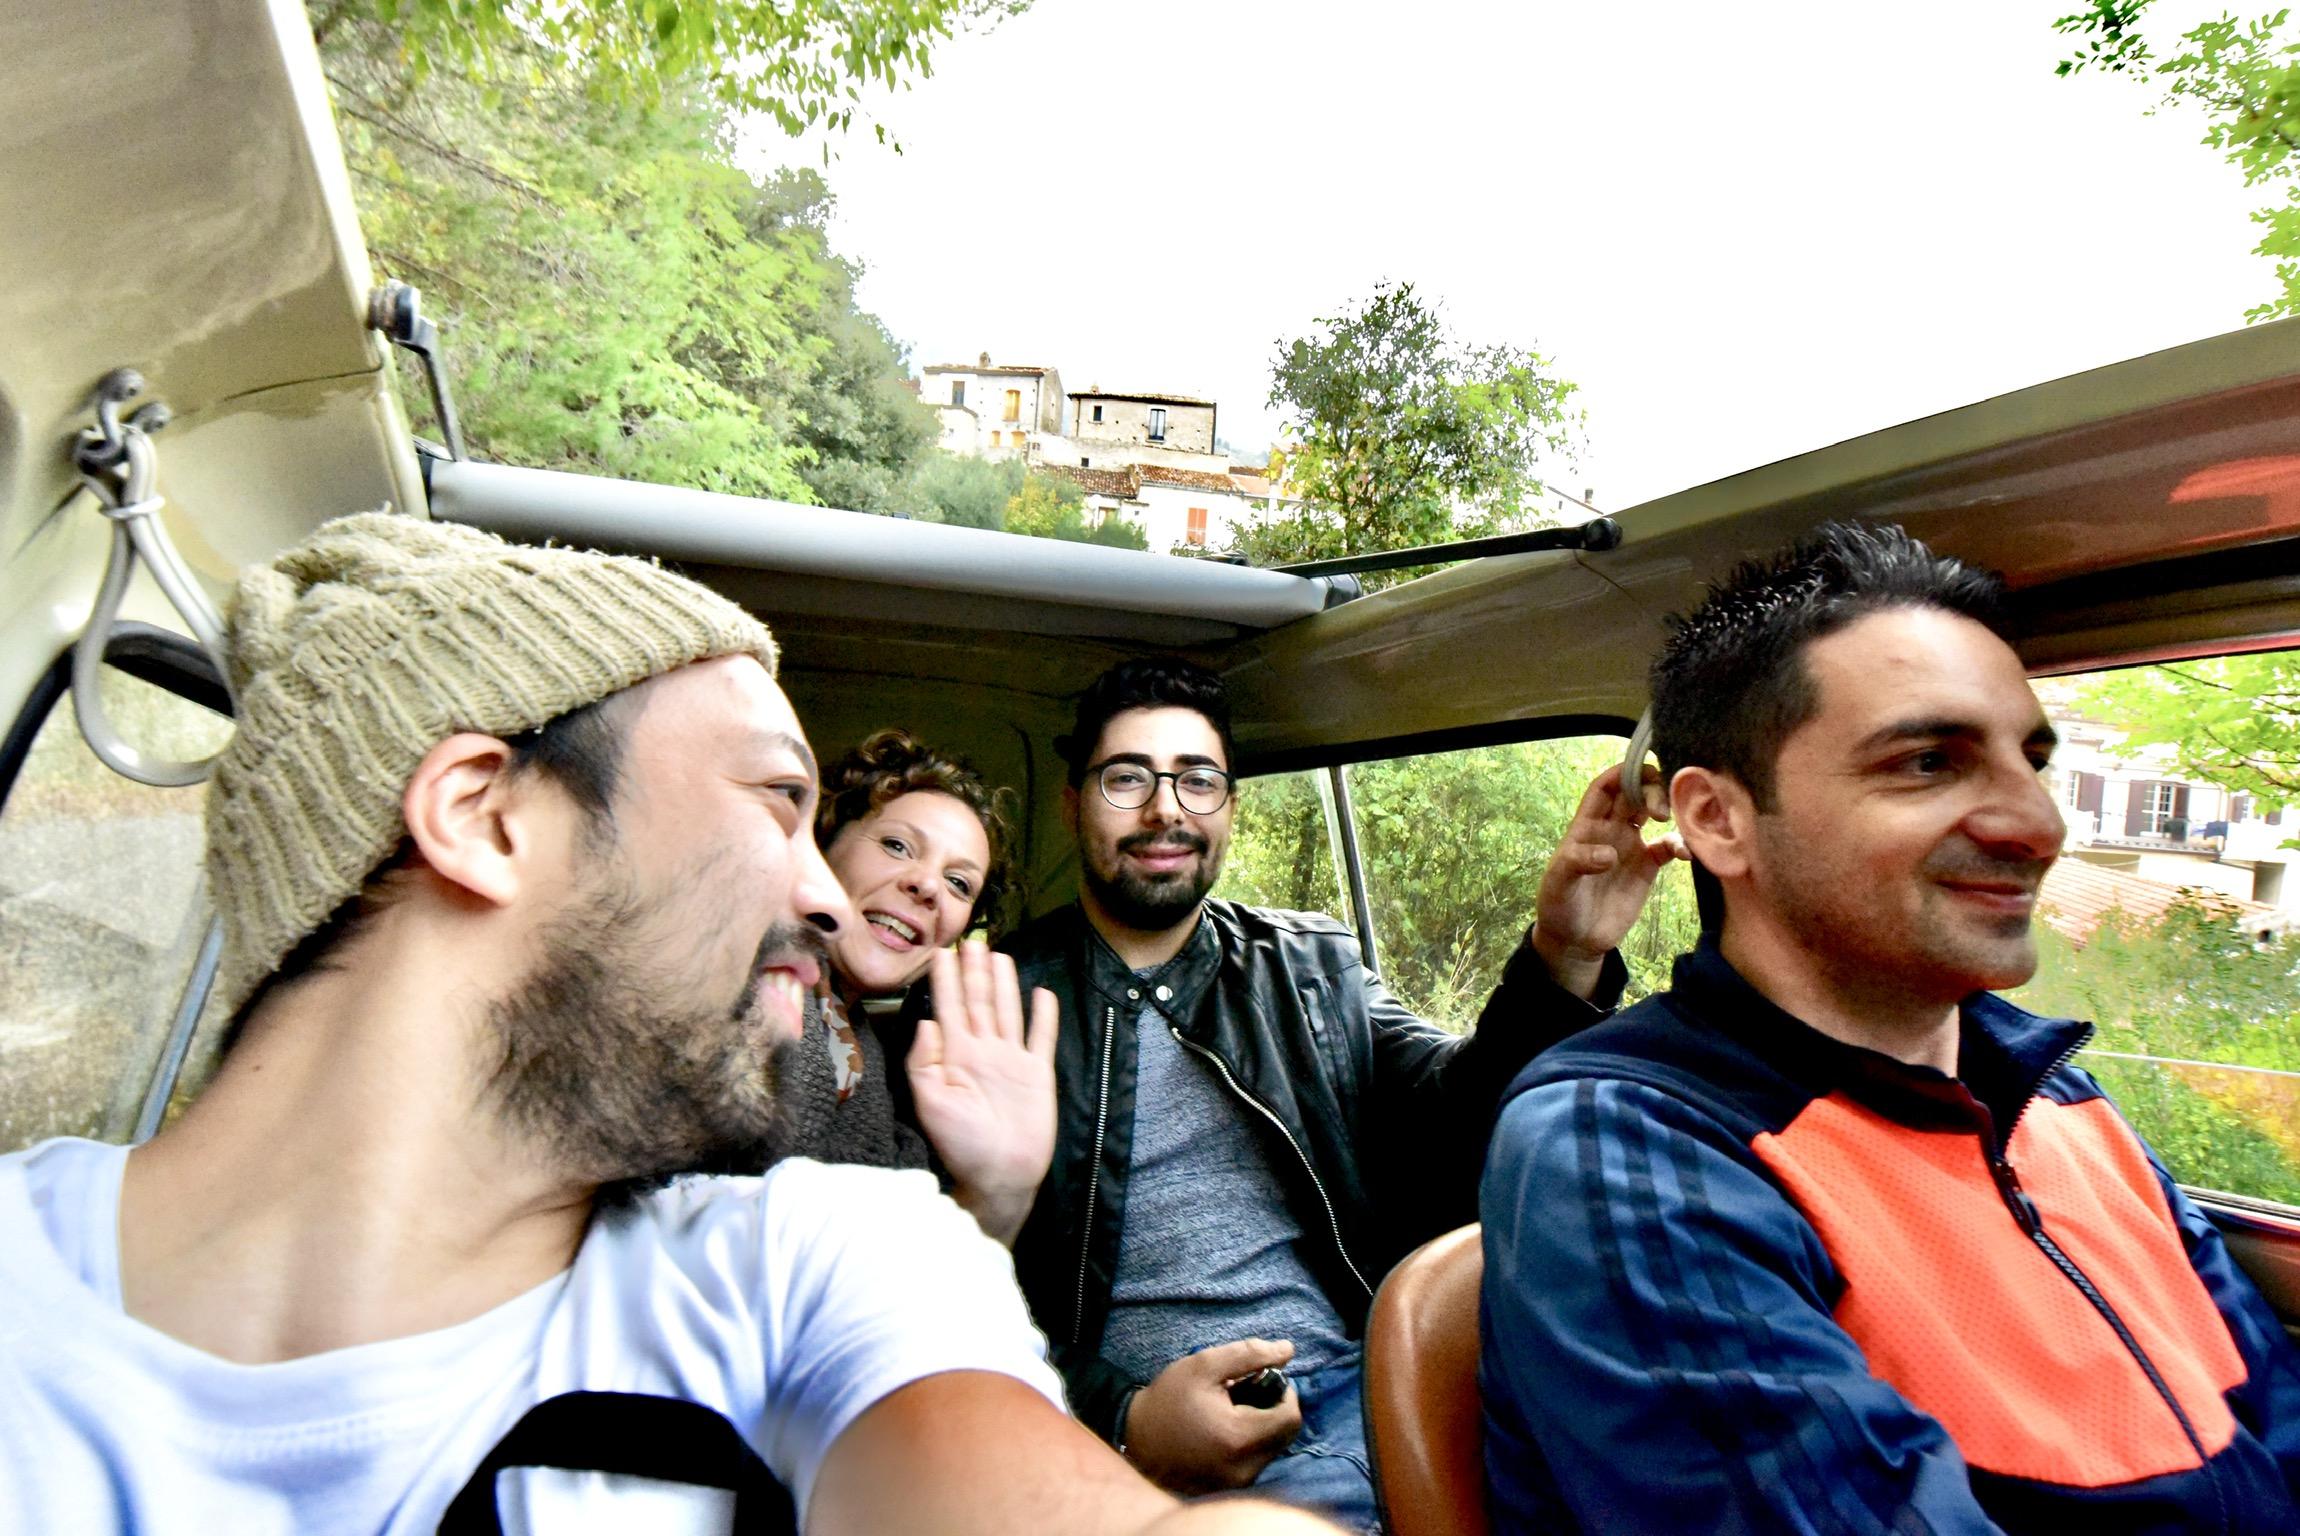 FIAT500に4人が乗り込み、チヴィタを散策